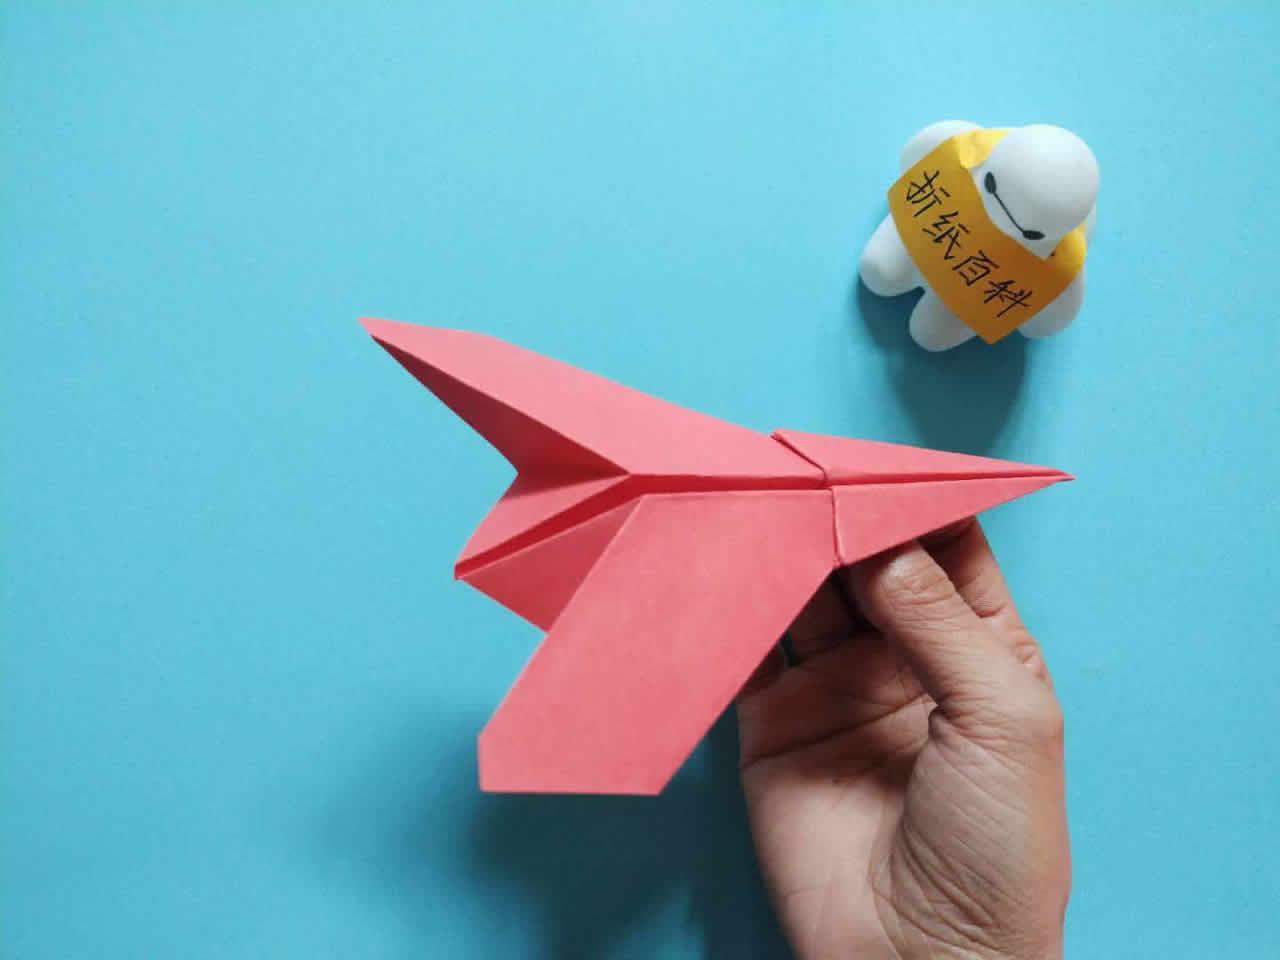 能飞得很远的折纸飞机,简单几步就做好,手工DIY折纸图解教程 家务妙招 第10张